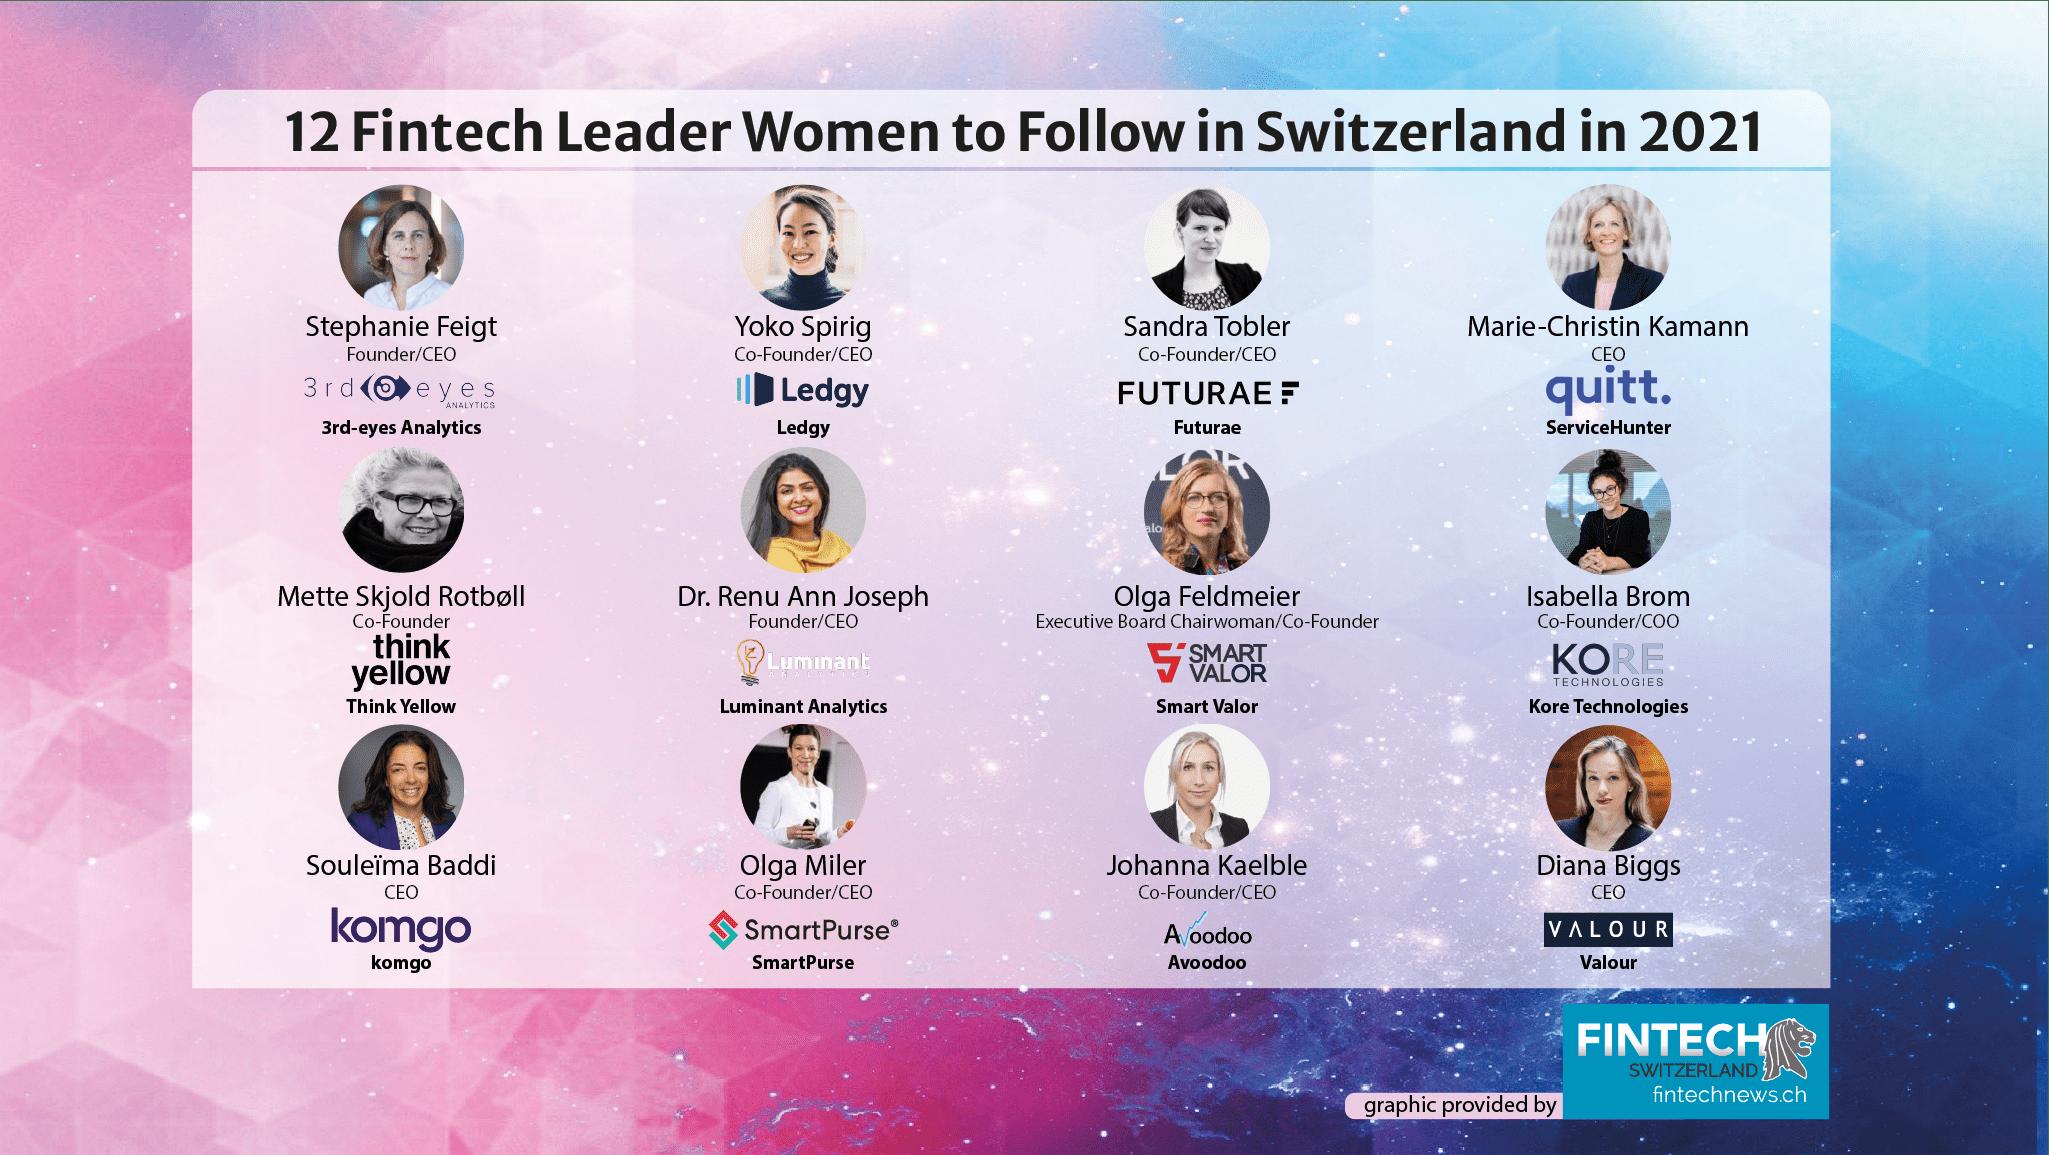 12 Fintech Leader Women to Follow in Switzerland in 2021